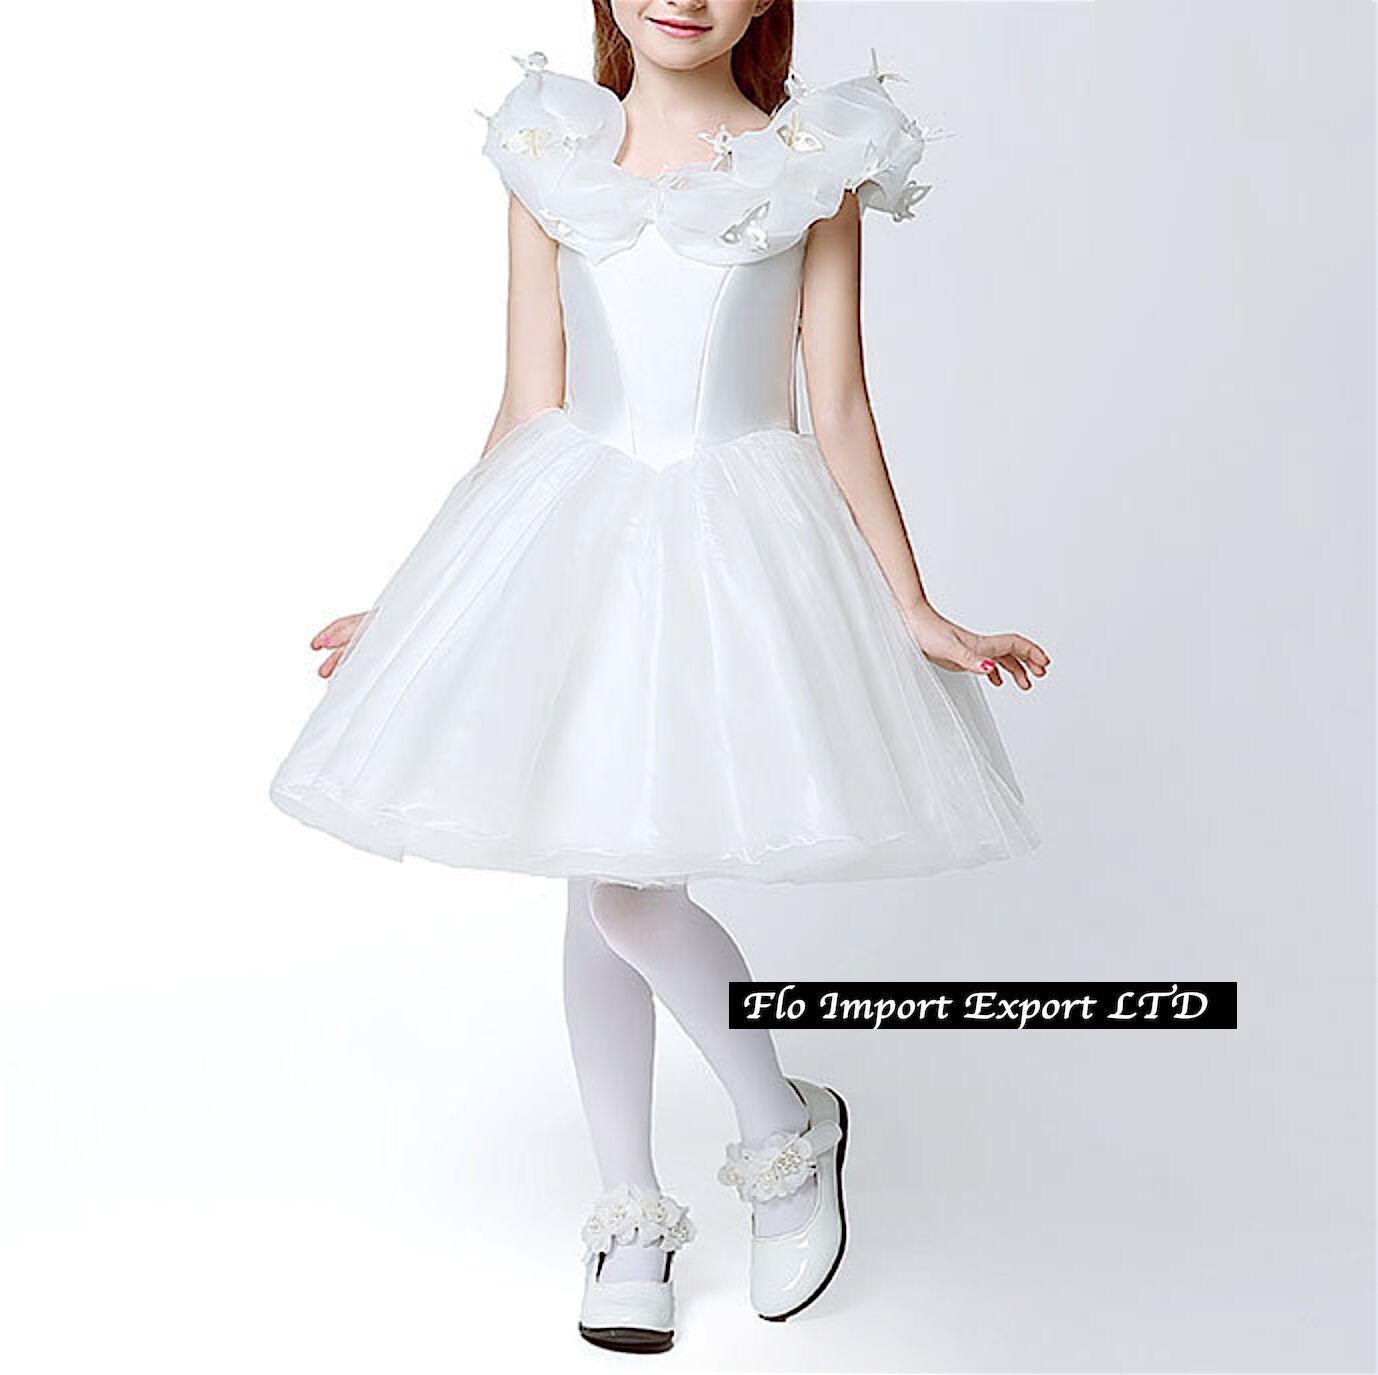 f713f57c6cf5 Image de la table permet de faire référence à la taille à commander. Cette  robe s adapte petit format.